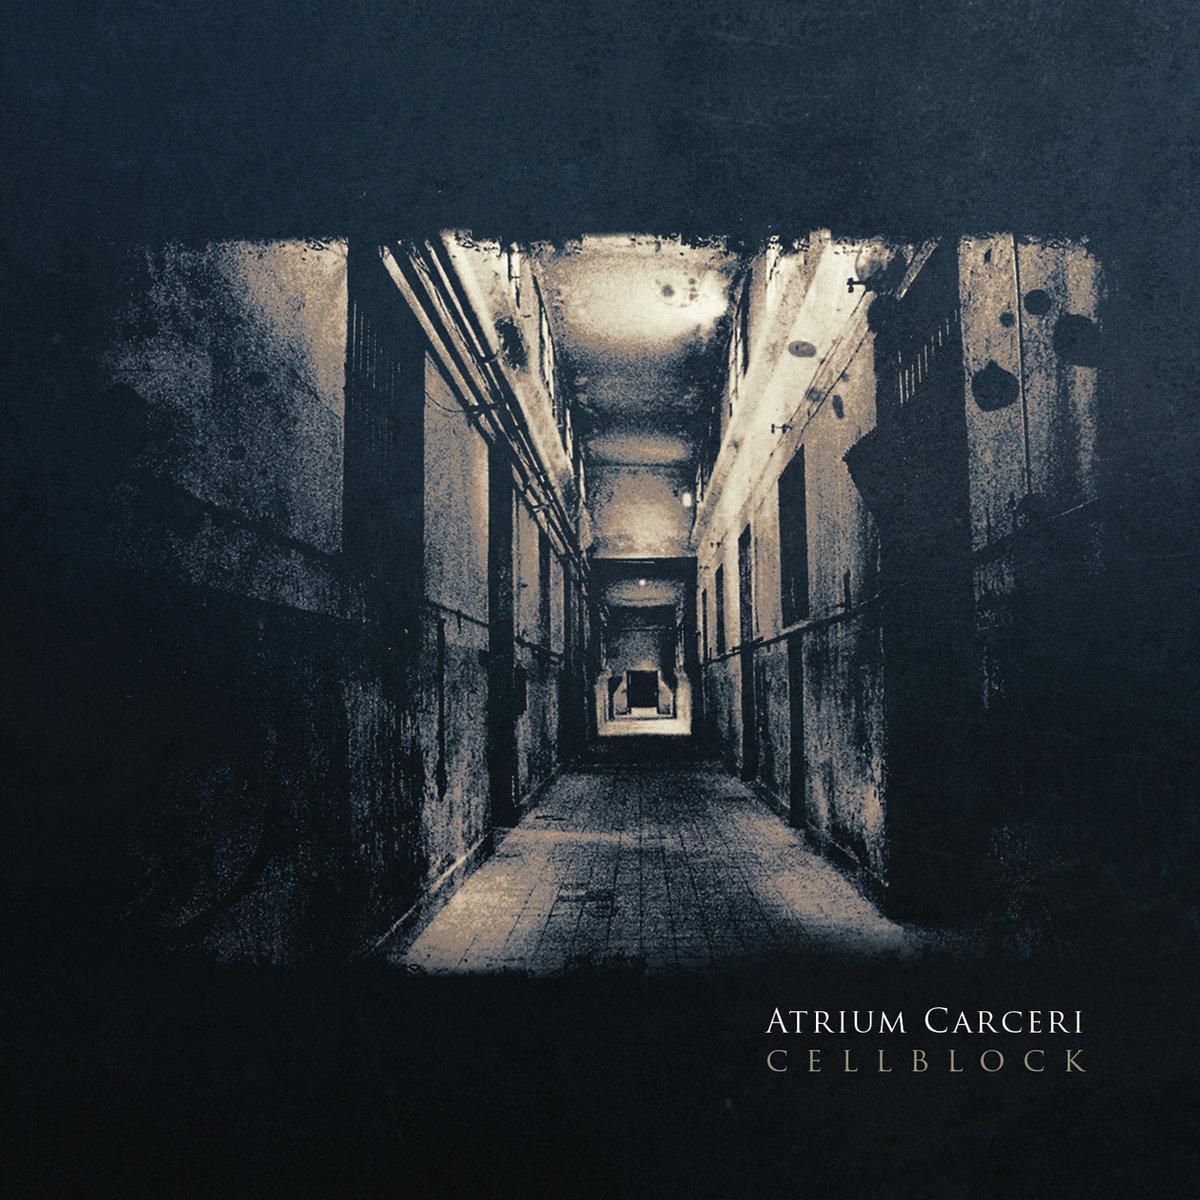 66. Altrium Carceri - Cellblock